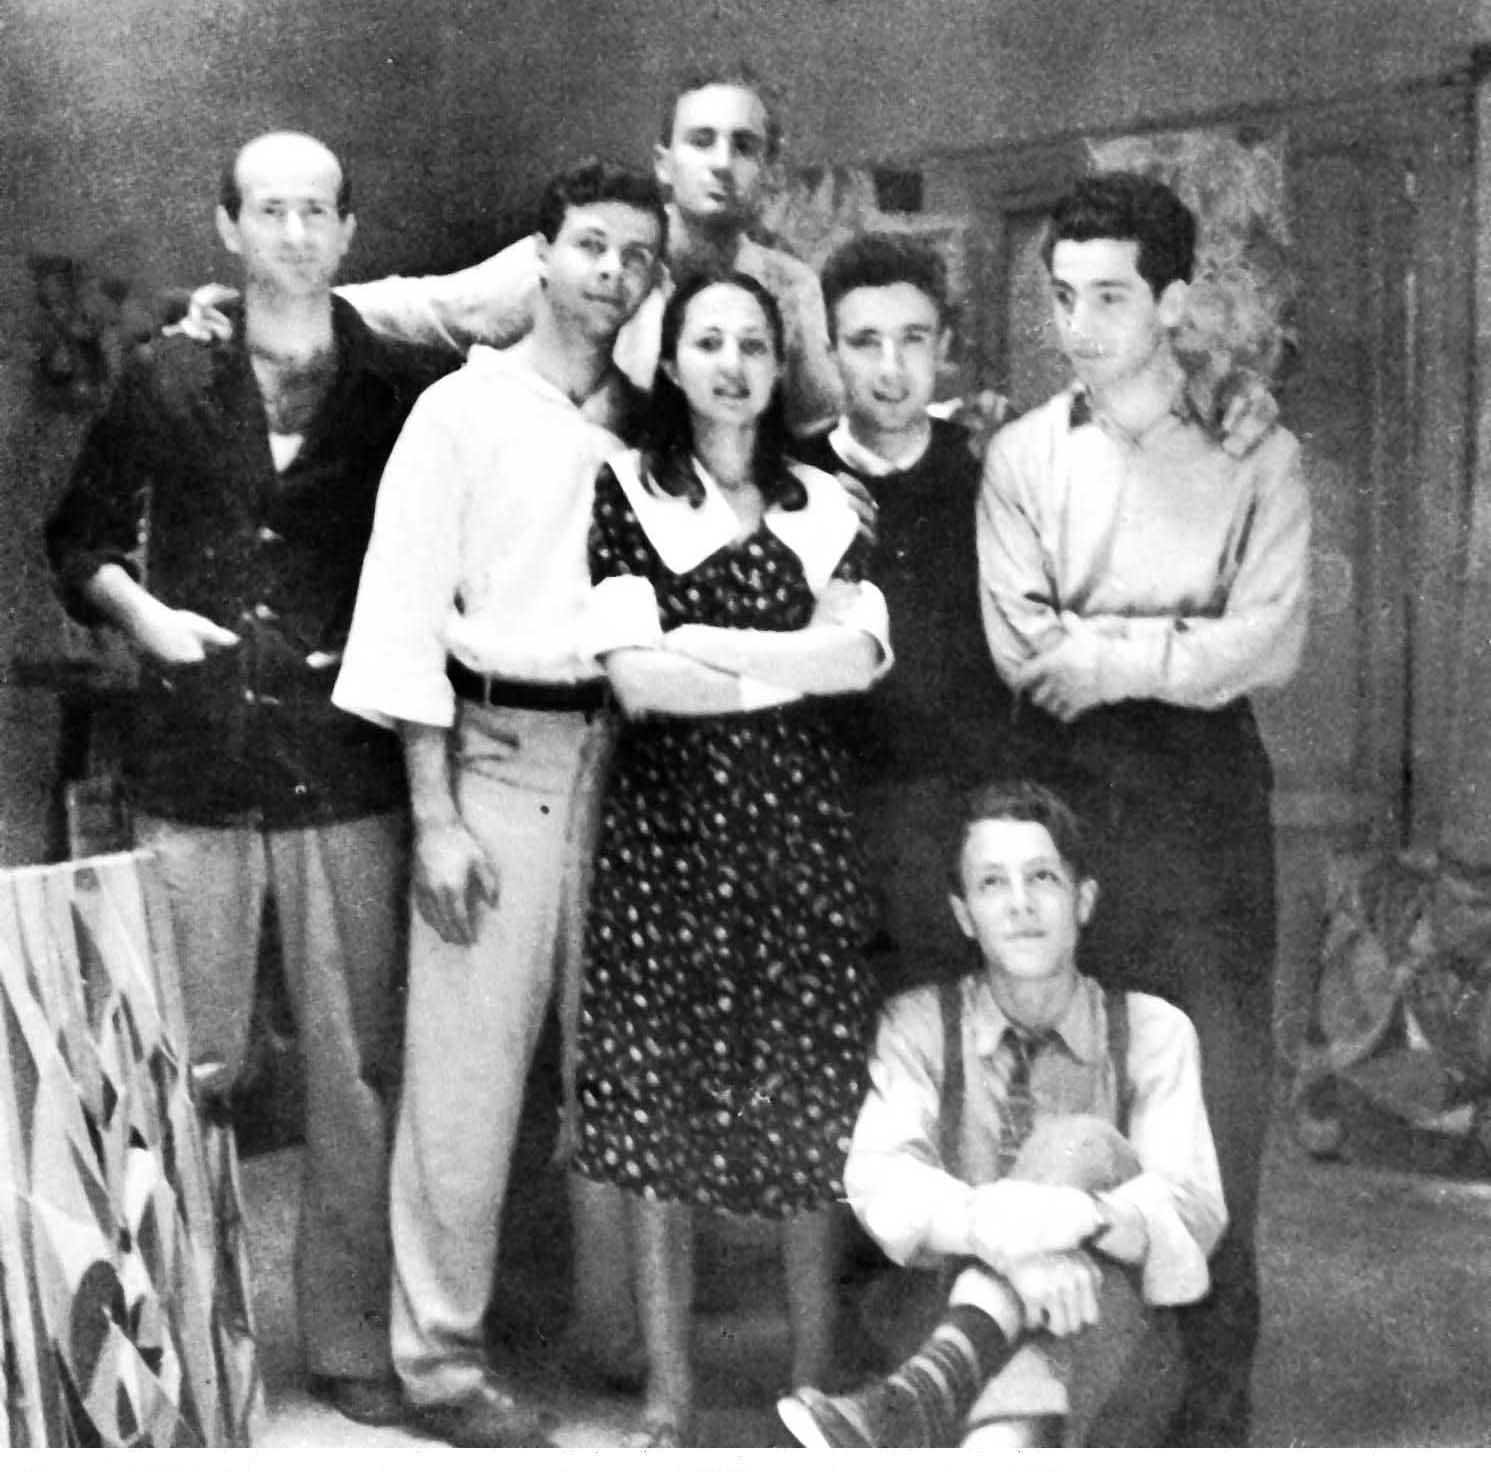 Links Pietro Consagra, Gruppo Forma 1, Rome, 1947, portret